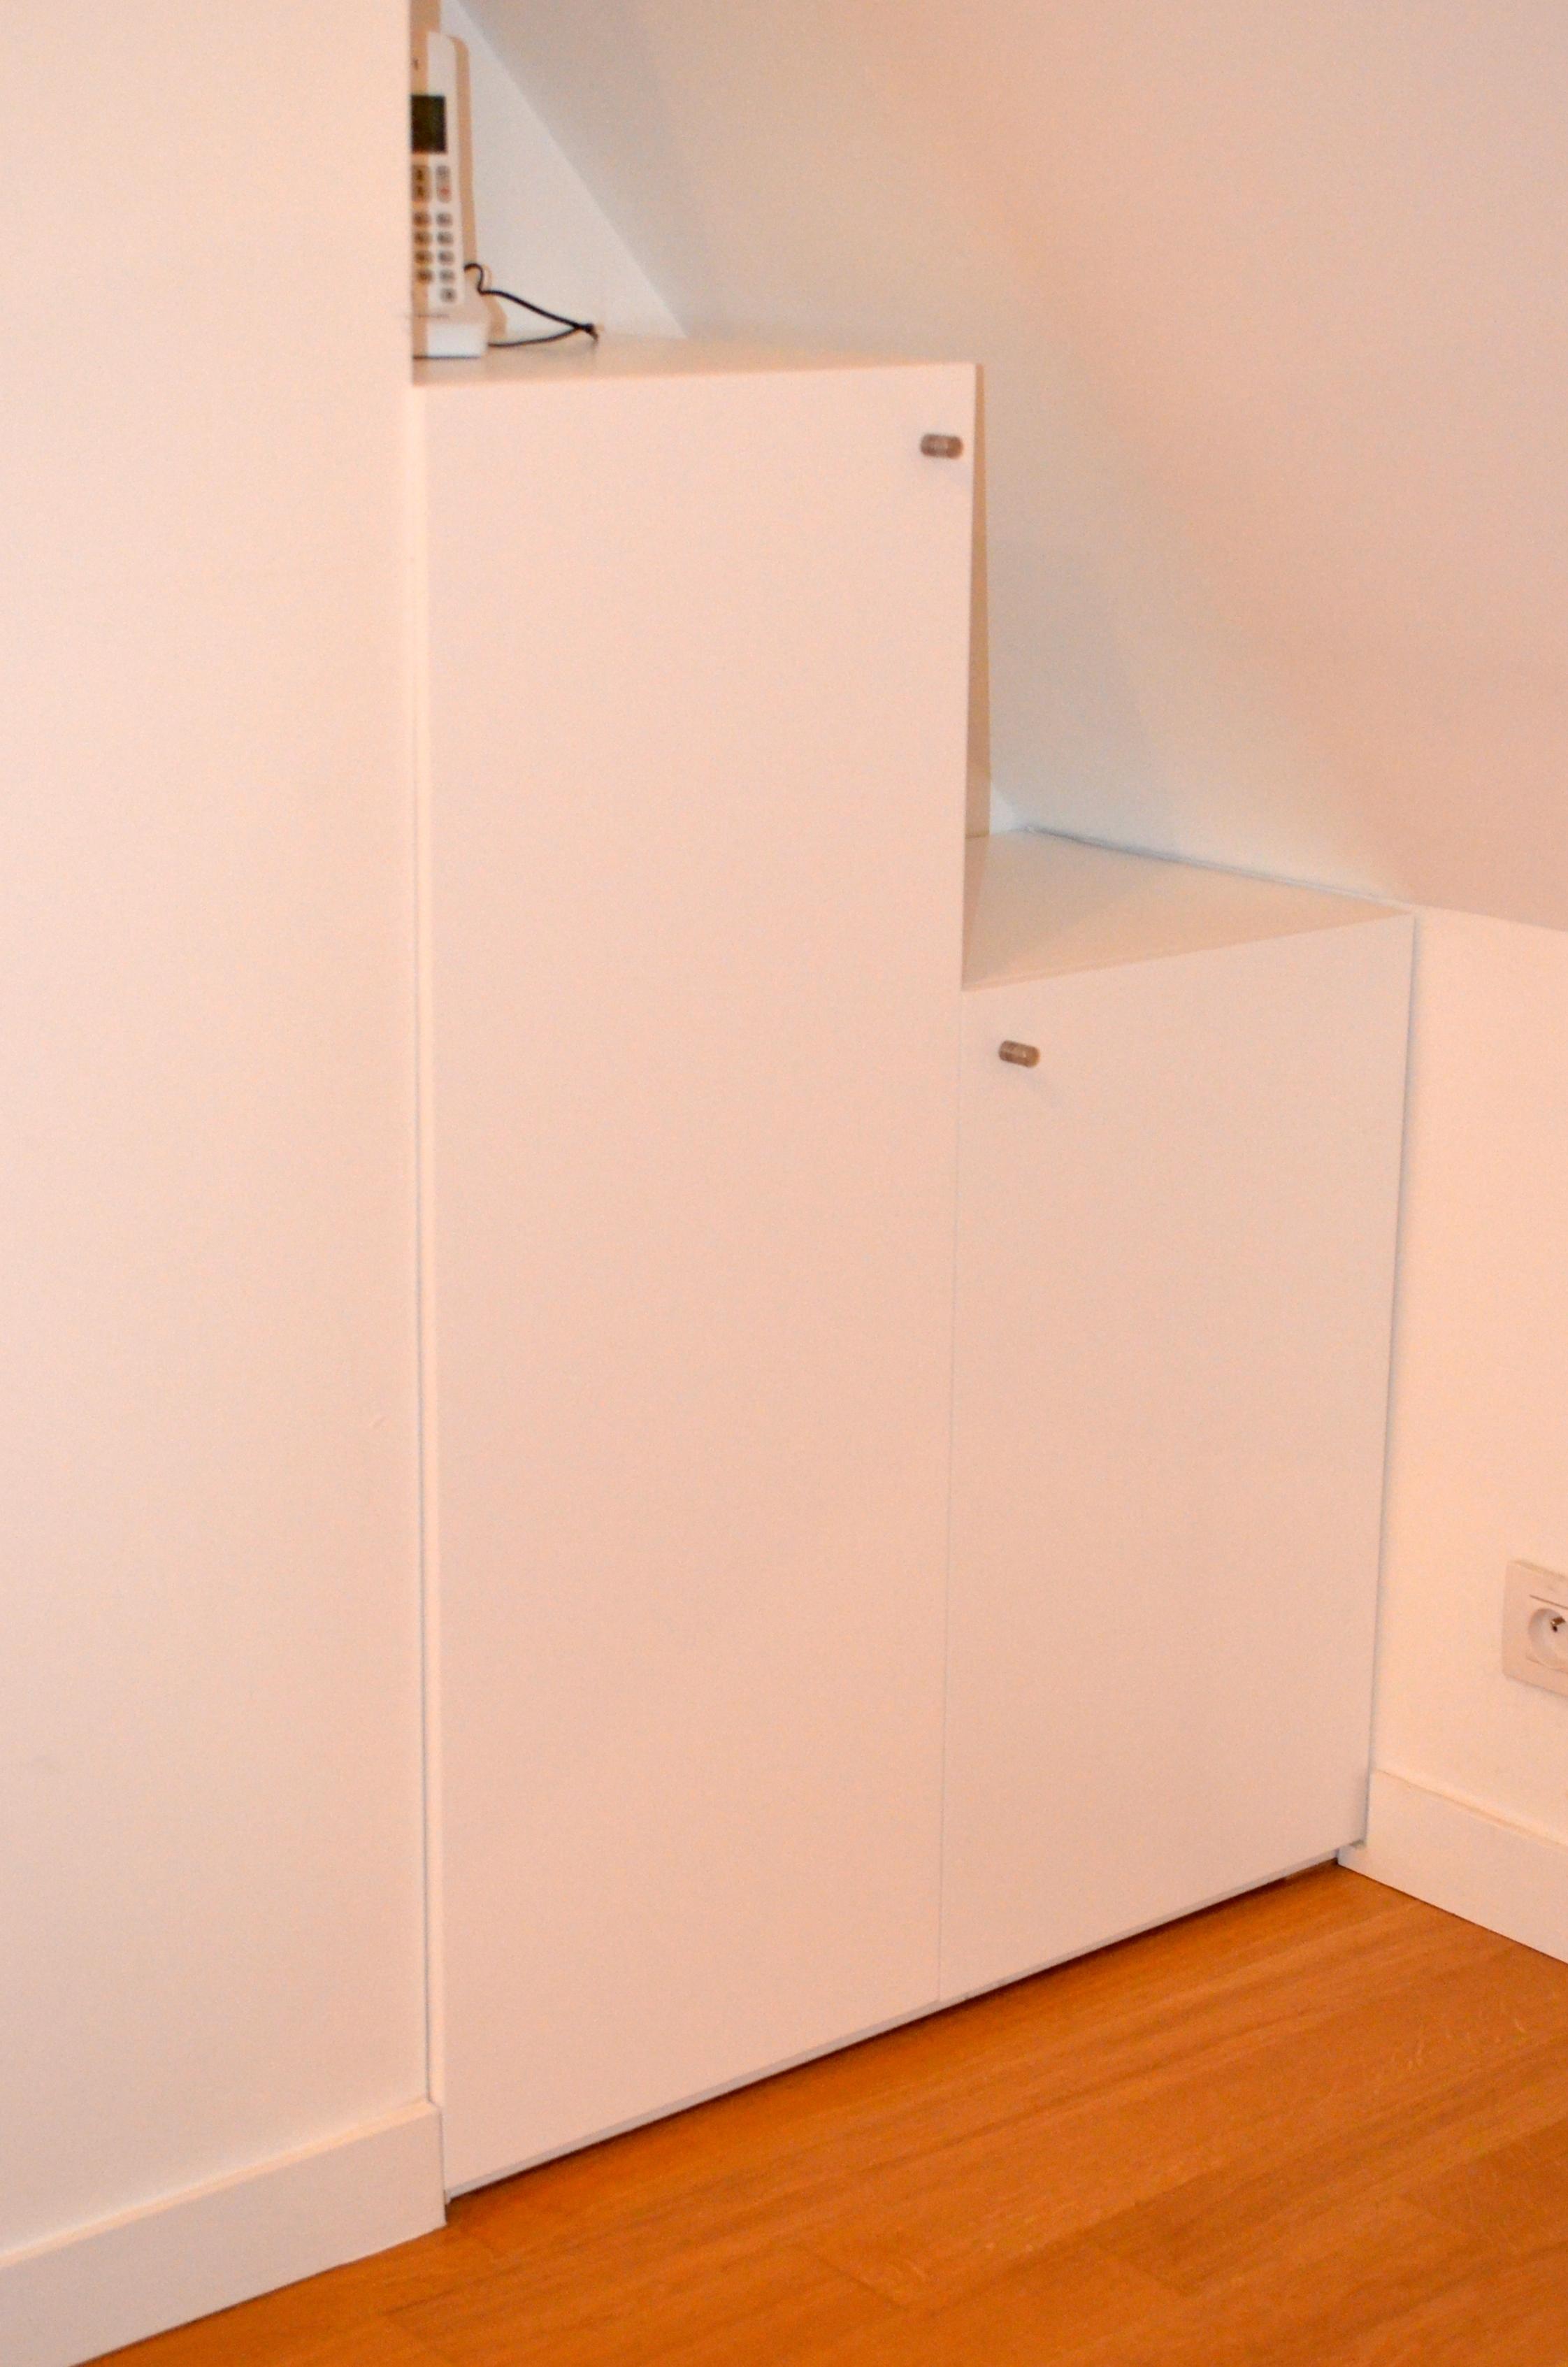 Meuble rangement sous comble good meuble rangement sous comble with meuble rangement sous - Rangement sous lit leroy merlin ...